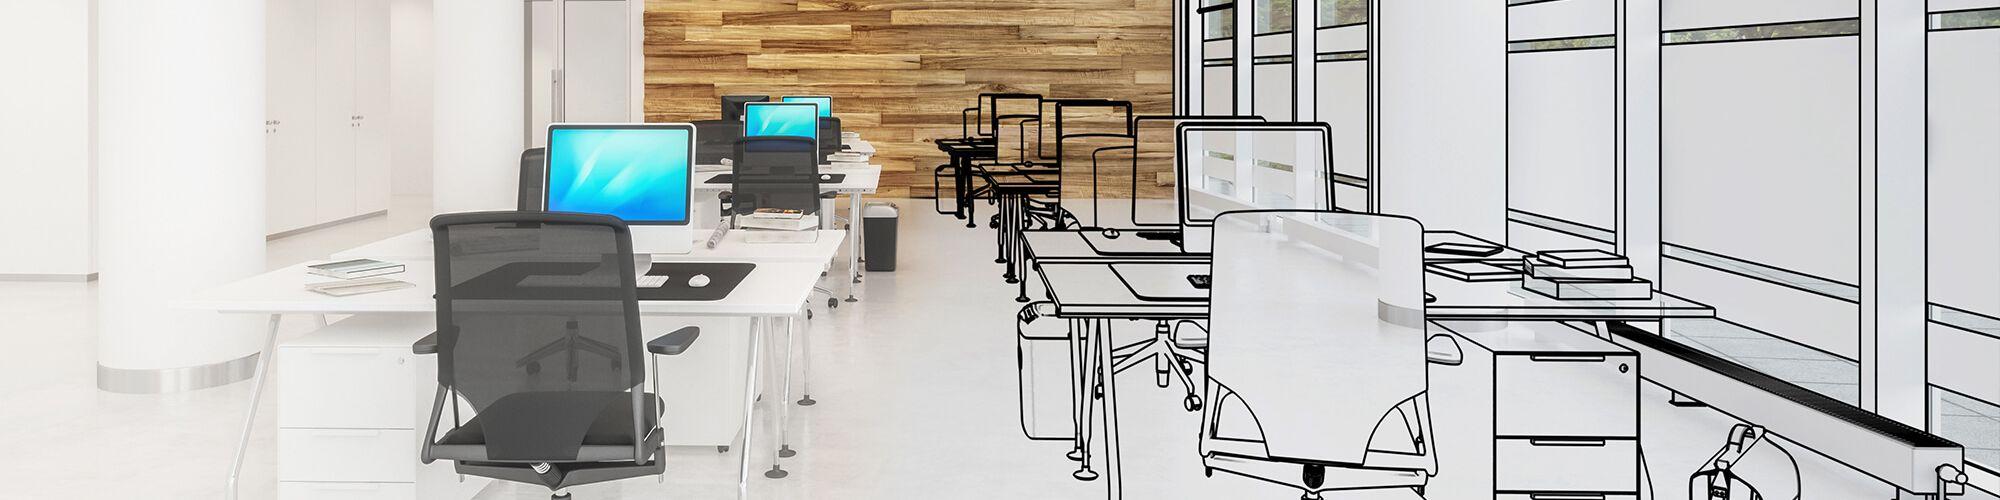 Büroraum mit Holzwand